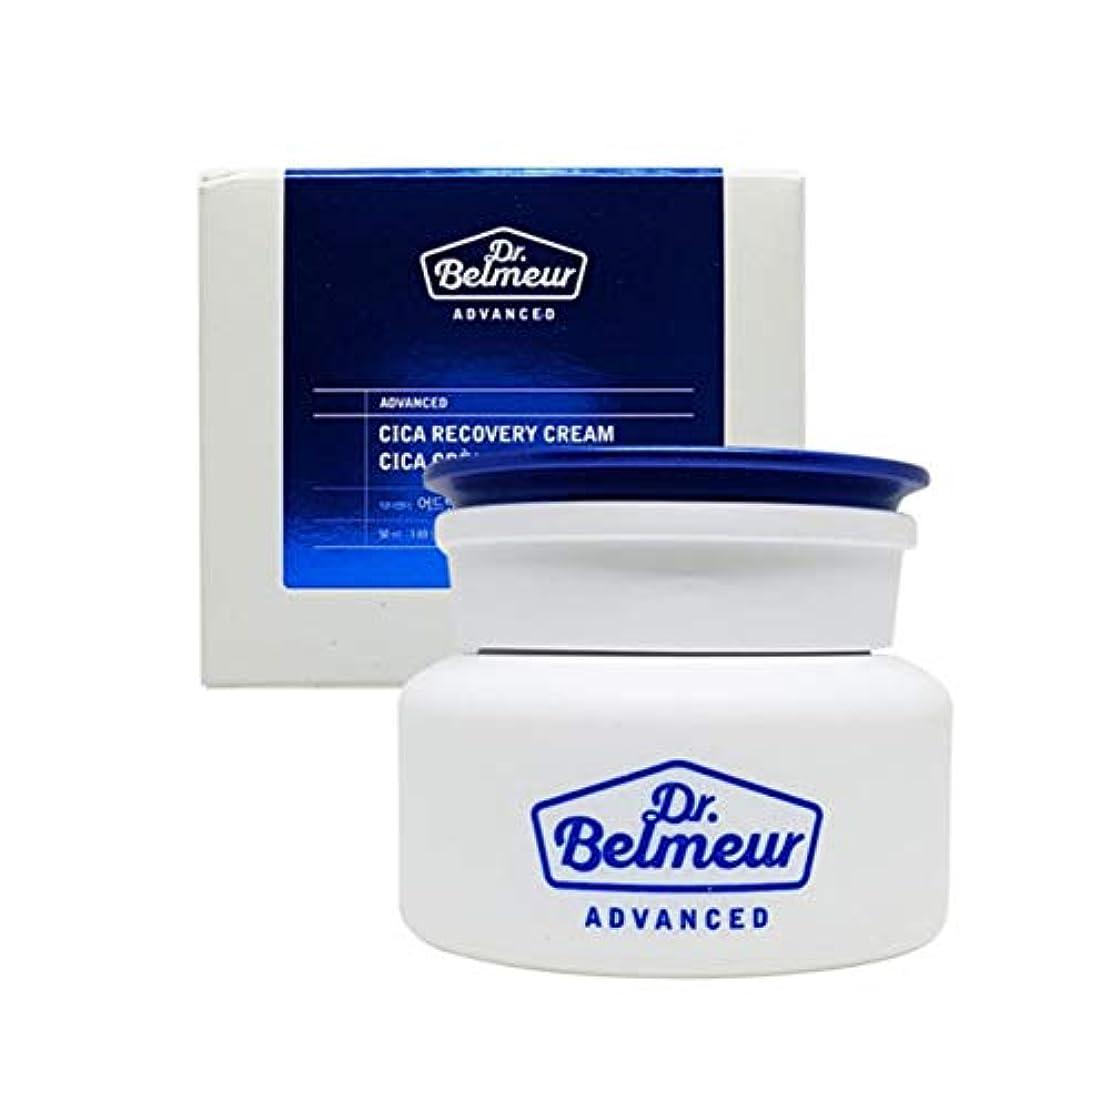 悪名高い期待する一般的に言えばザ?フェイスショップドクターベルモアドバンスドシカリカバリークリーム50ml 韓国コスメ、The Face Shop Dr.Belmeur Advanced Cica Recovery Cream 50ml Korean...